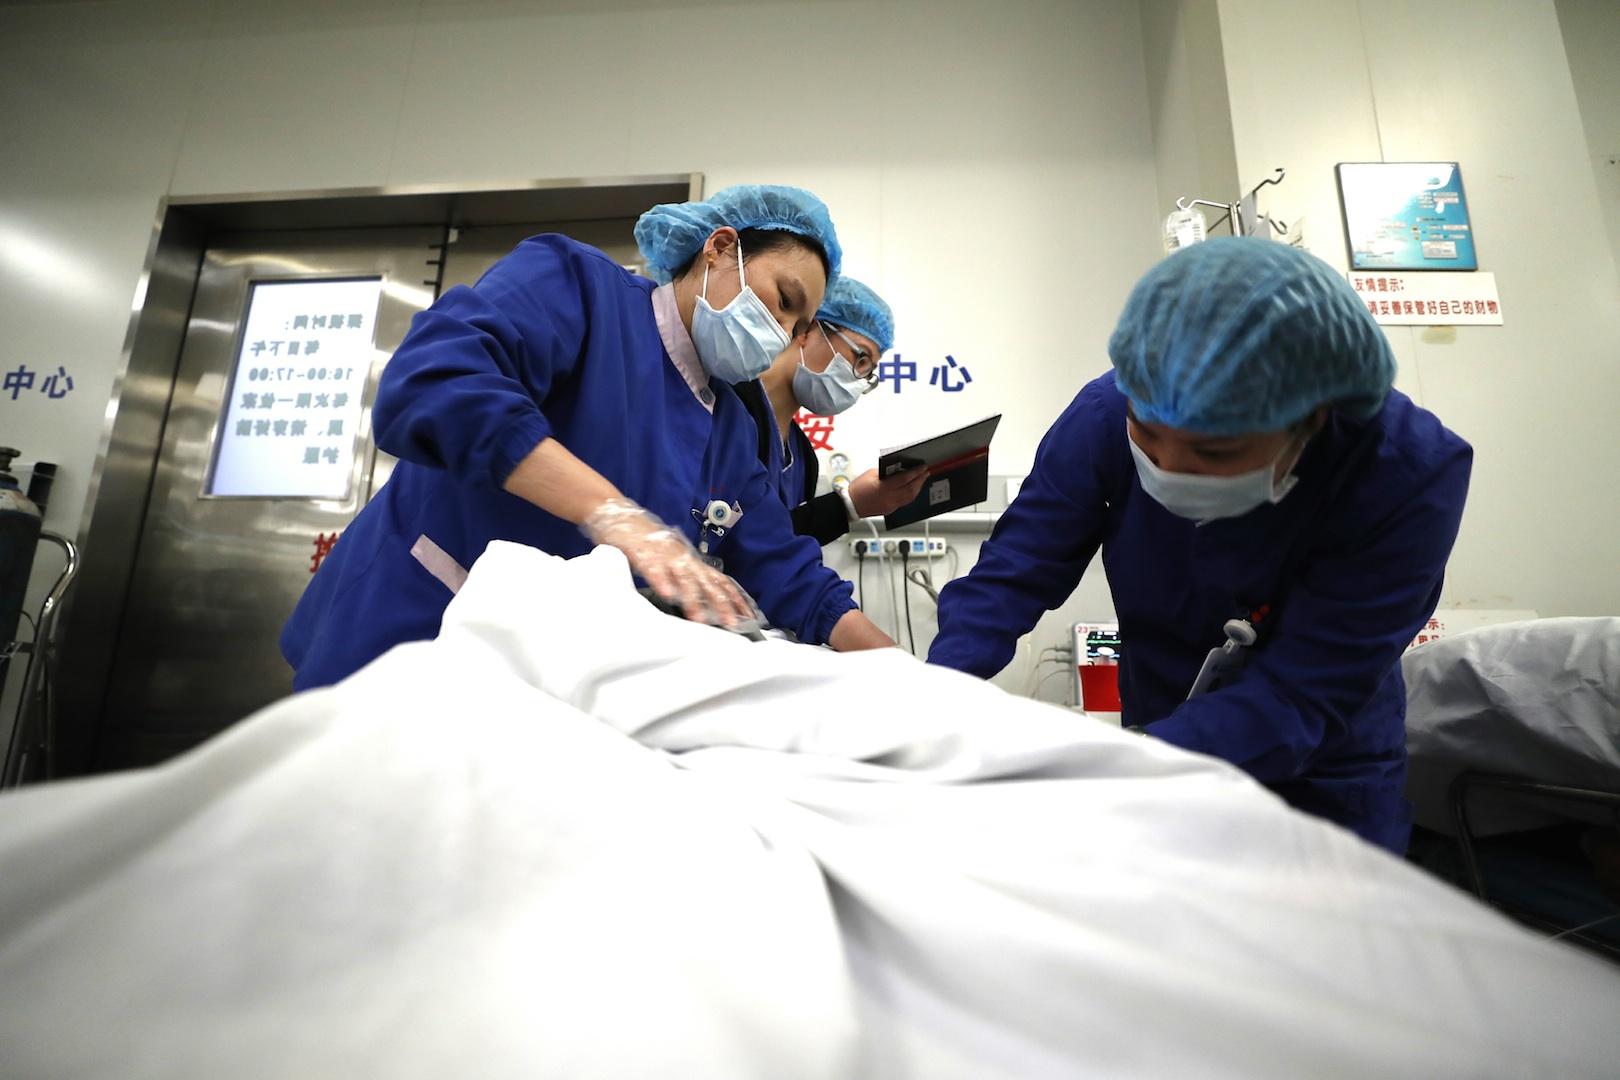 在急诊抢救室内,医务人员正在为病人进行清创.